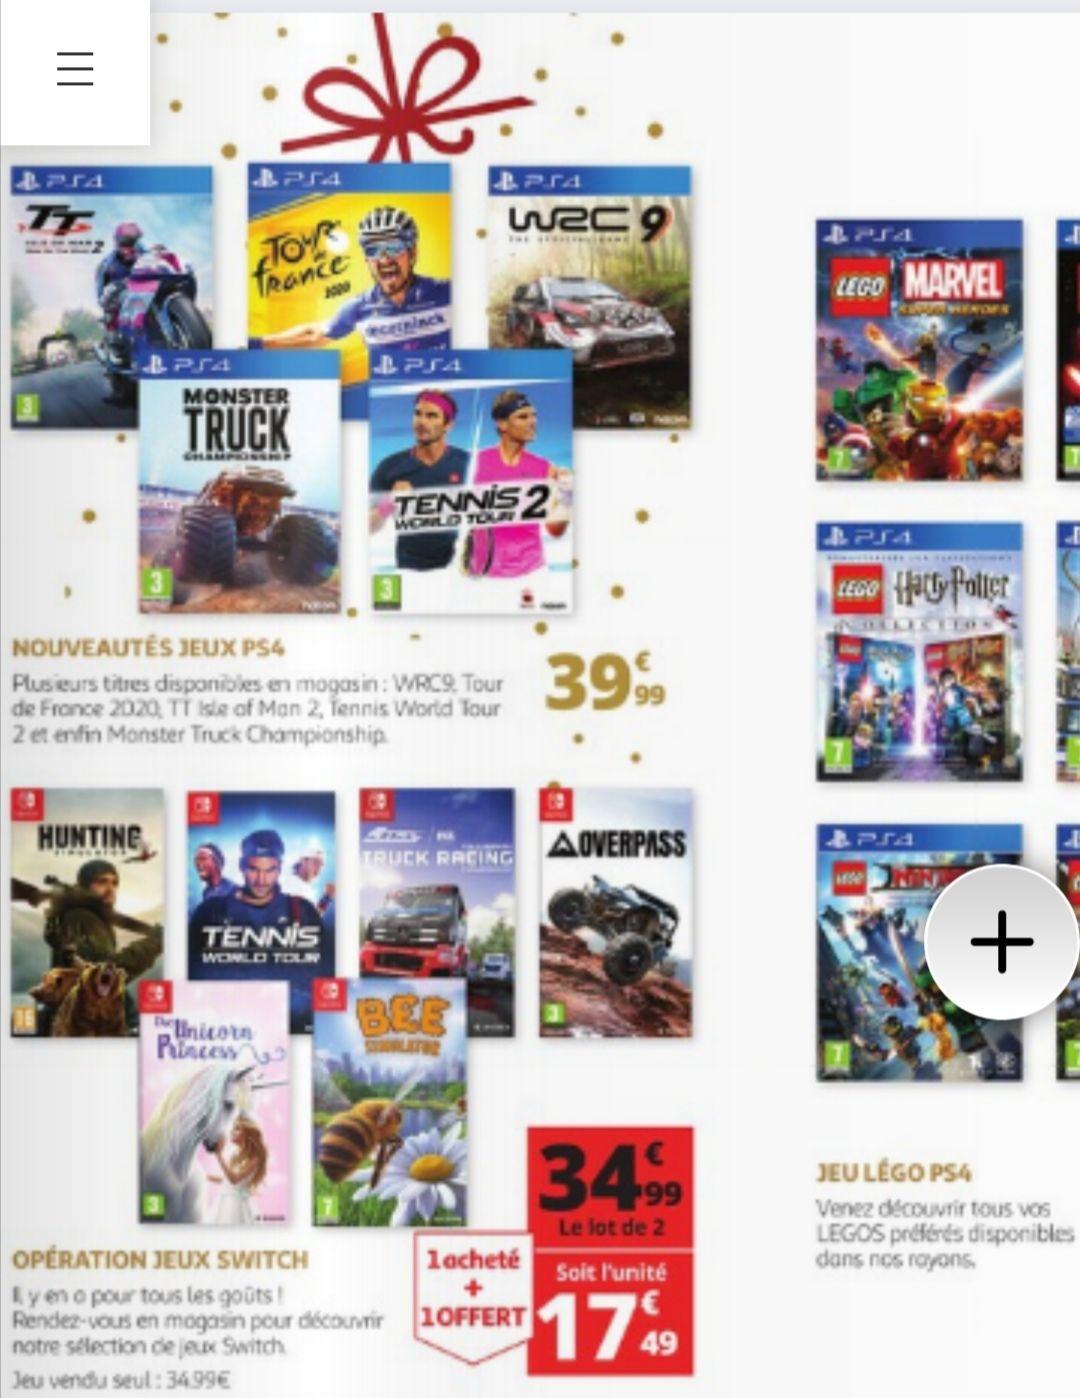 Lot de 2 jeux sur Nintendo Switch (parmi une sélection) - Montgeron Vigneux (94)